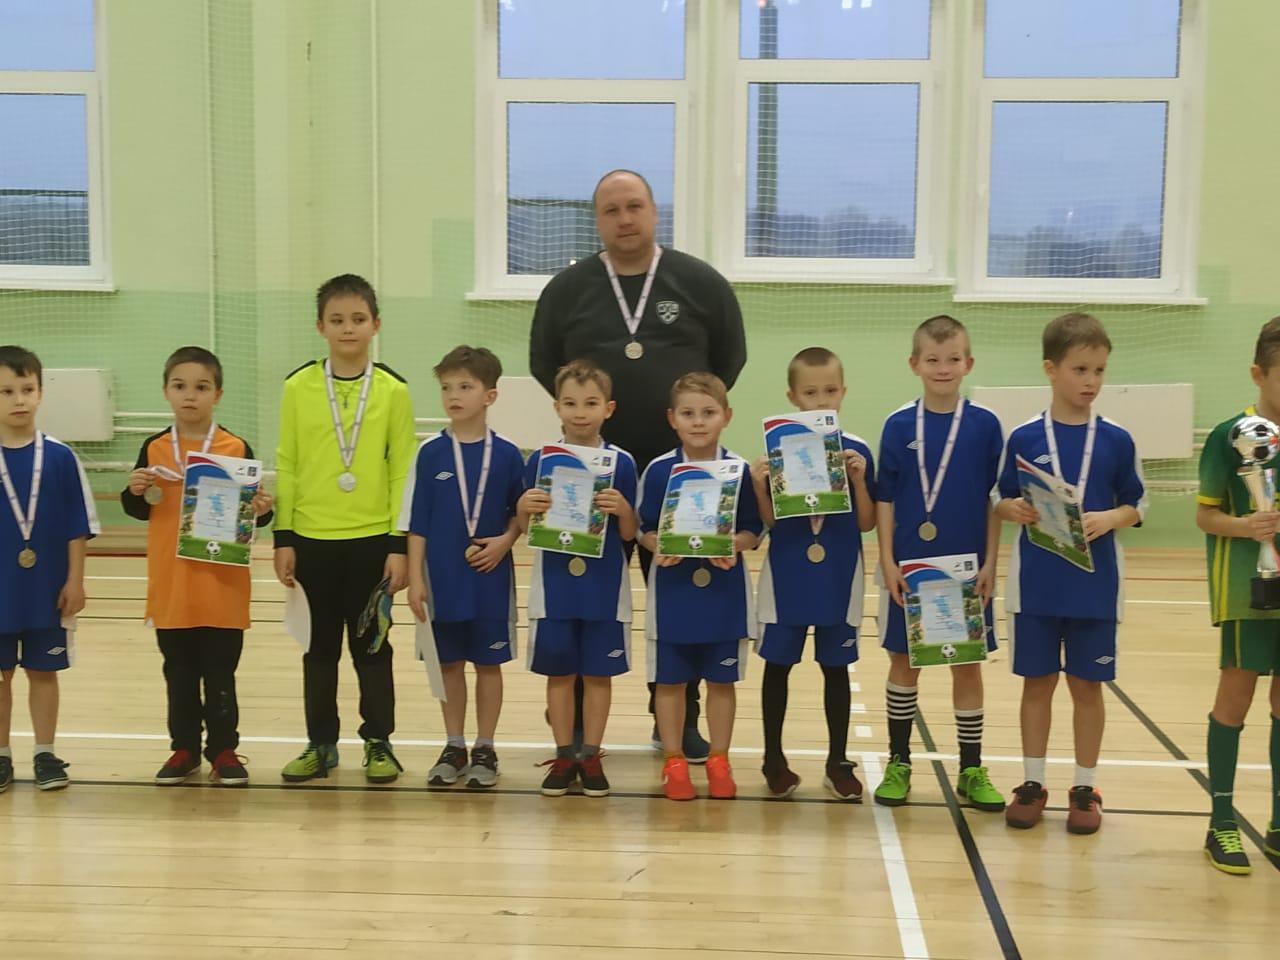 Юные футболисты из Кленовского стали серебряными призерами